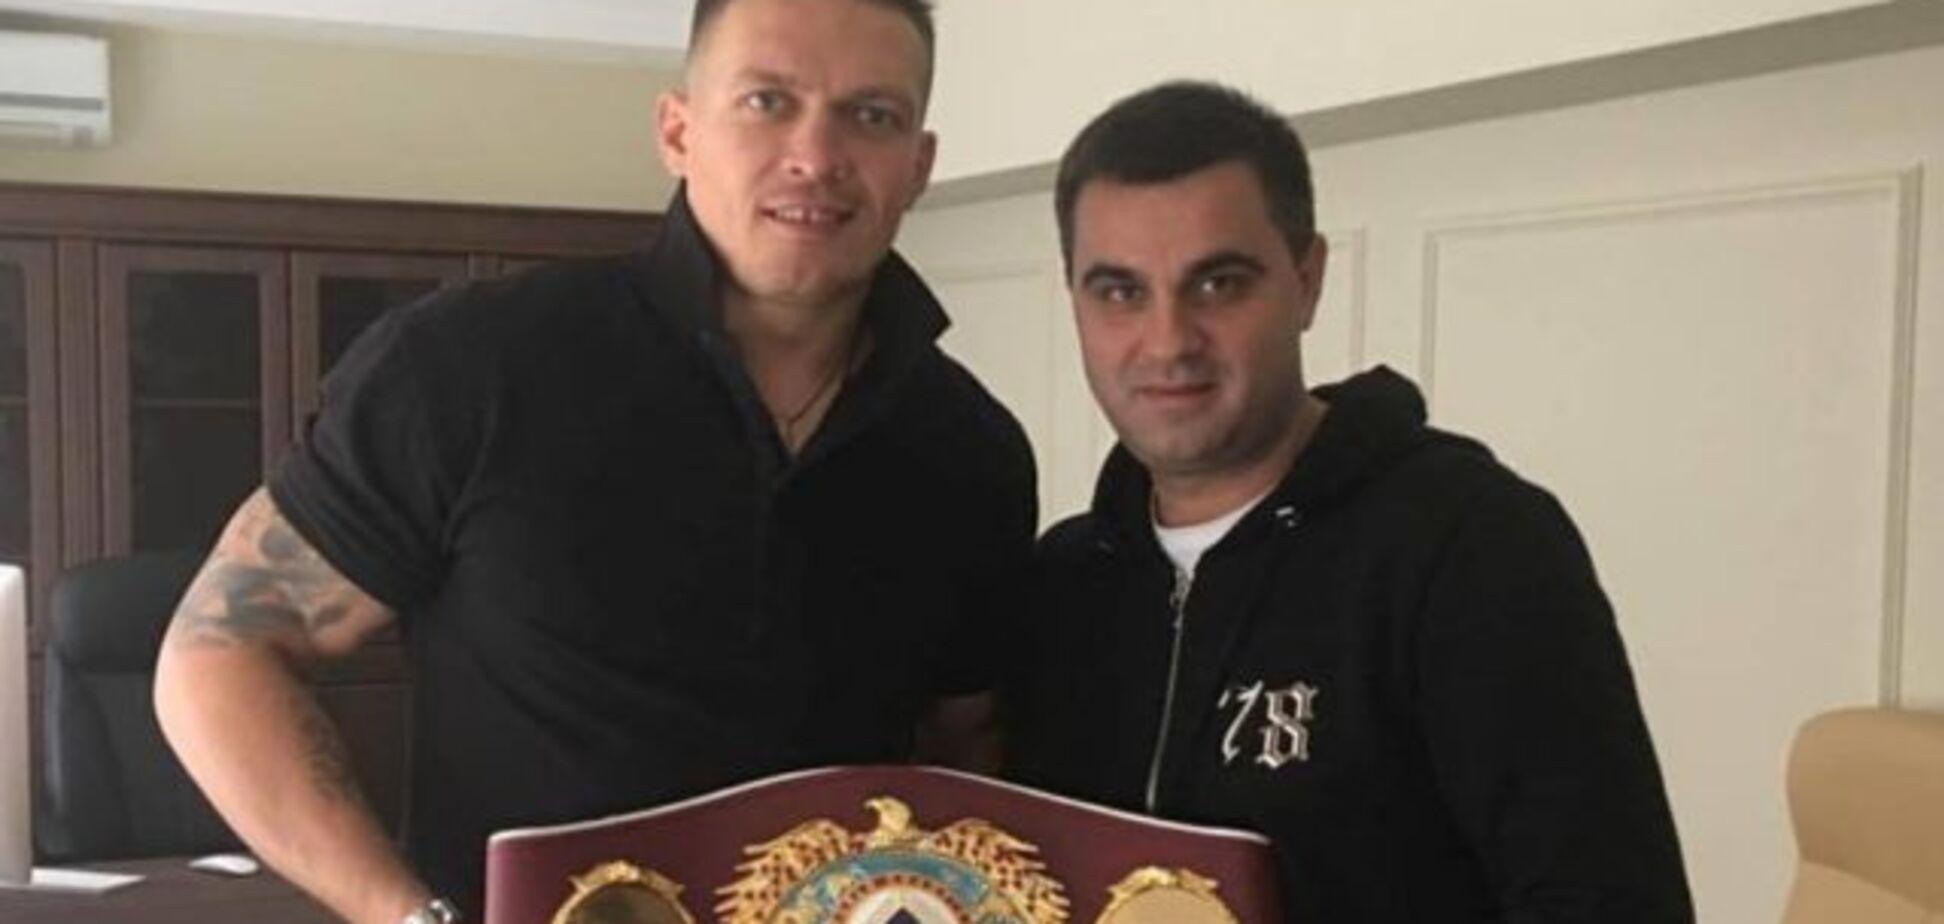 ''Руки за спину!'' Появилось видео задержания вице-президента Федерации бокса Киева